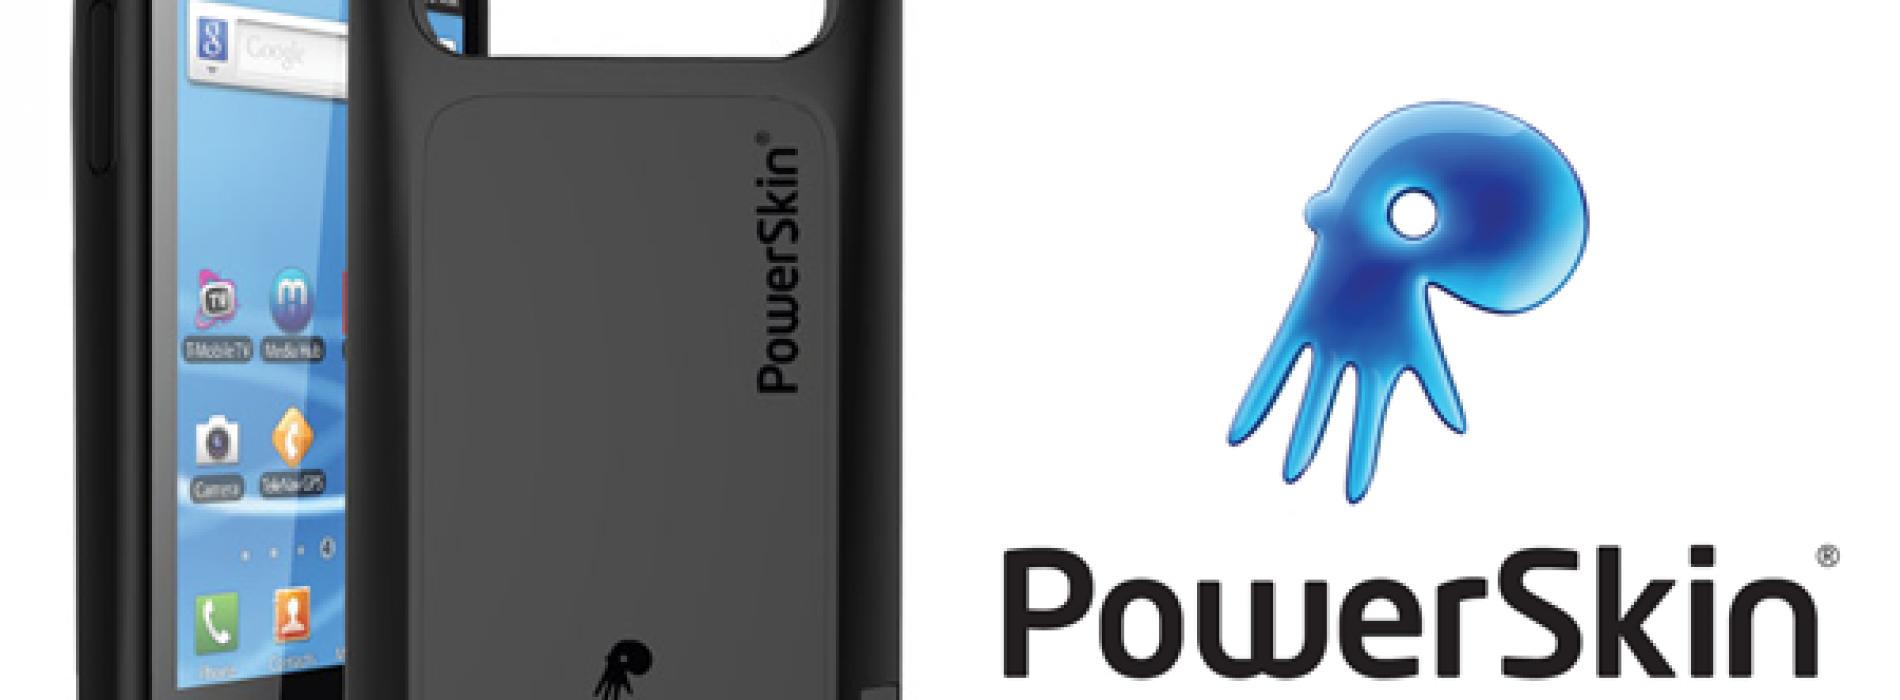 Powerskin Battery Case review (Galaxy S II)